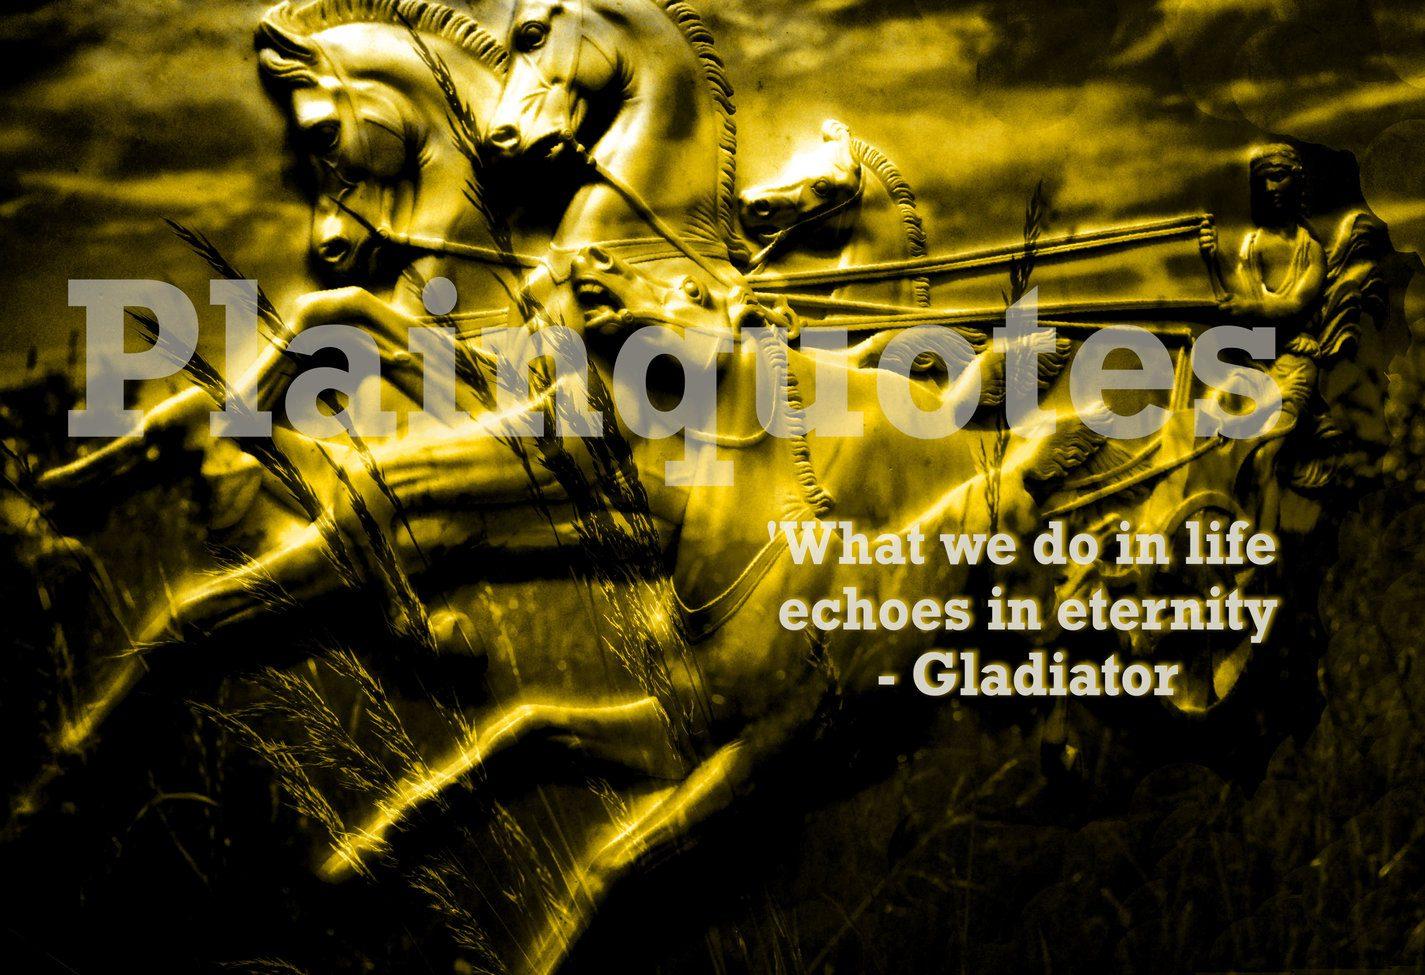 gladiator picture